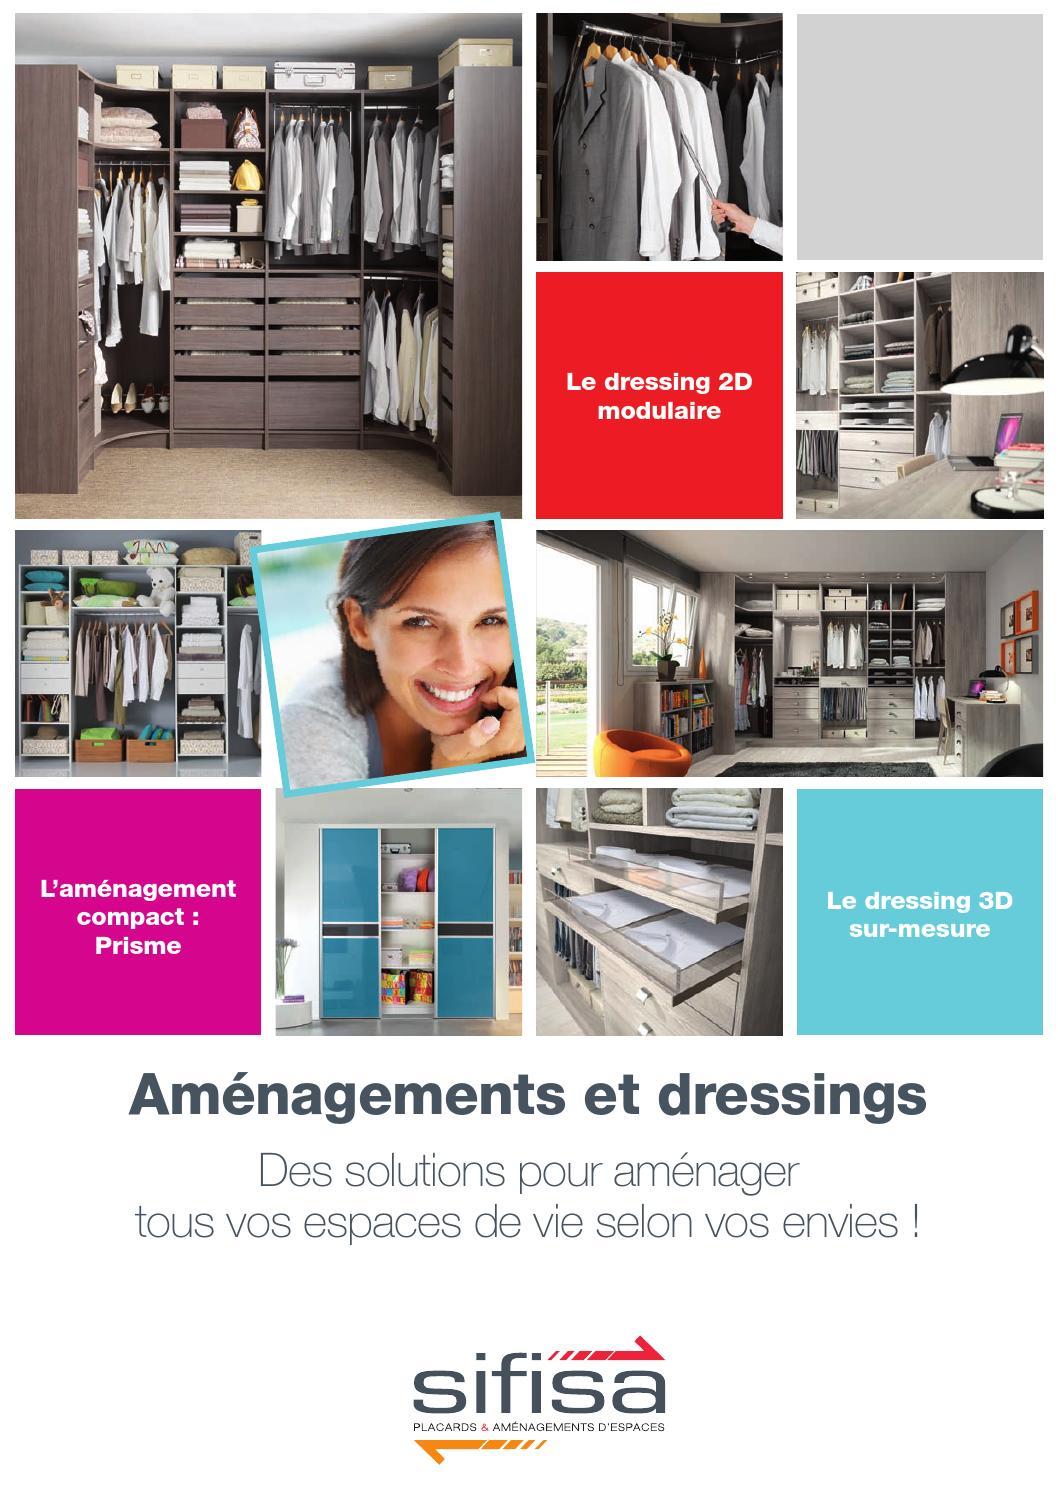 Profondeur D Un Placard Dressing aménagements dressingsuwl-wwp-communication - issuu